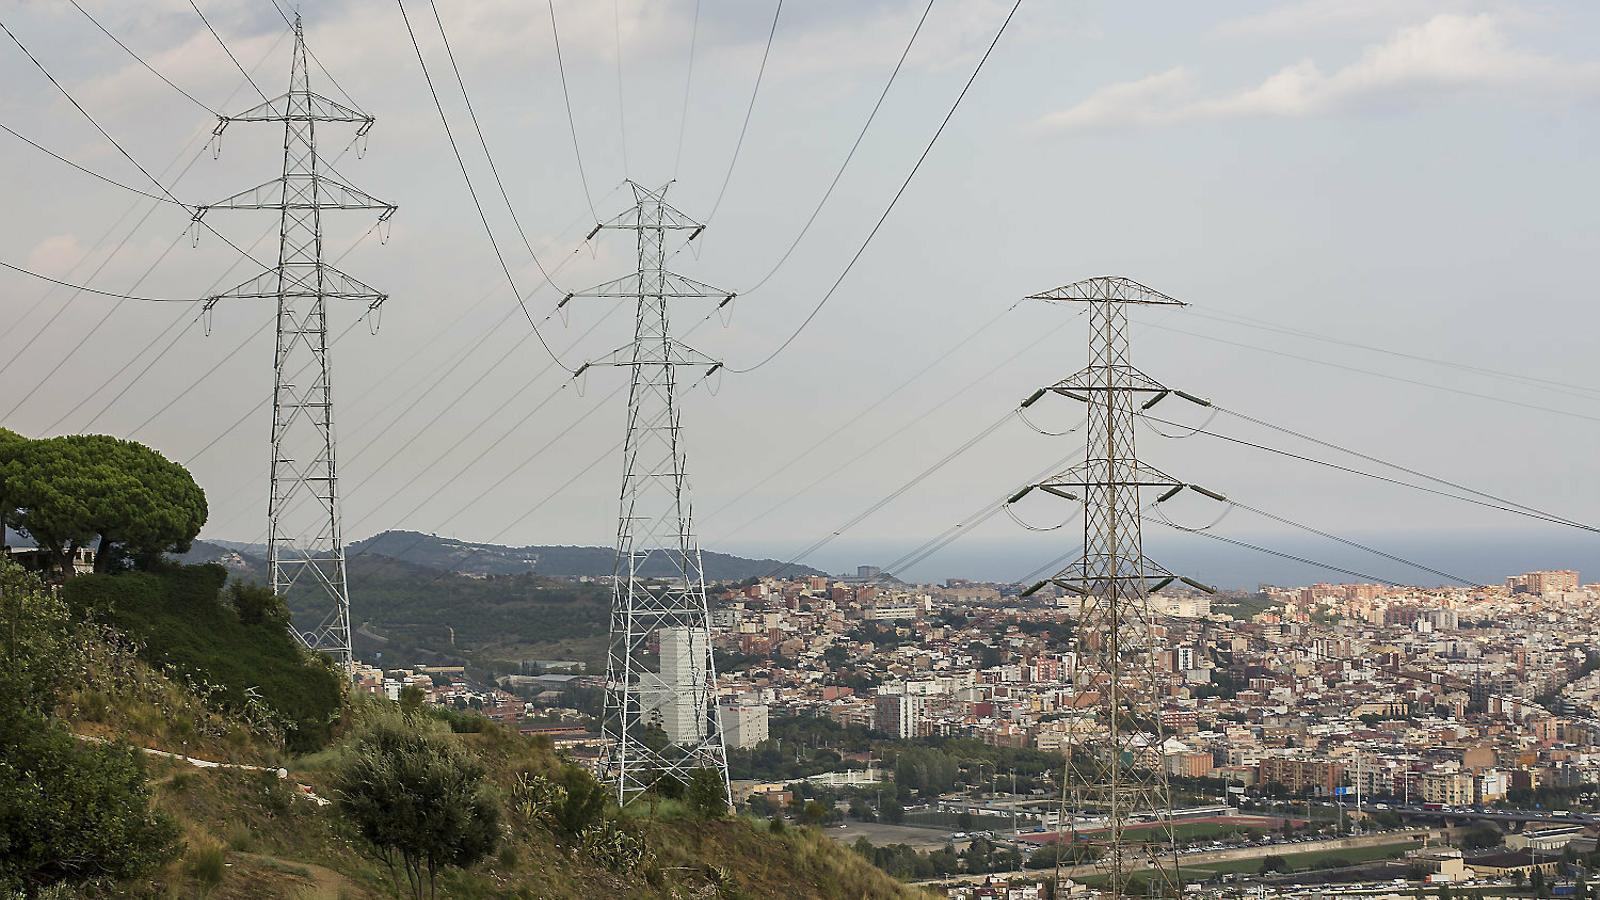 Competència aprova retallades en la retribució de les empreses energètiques